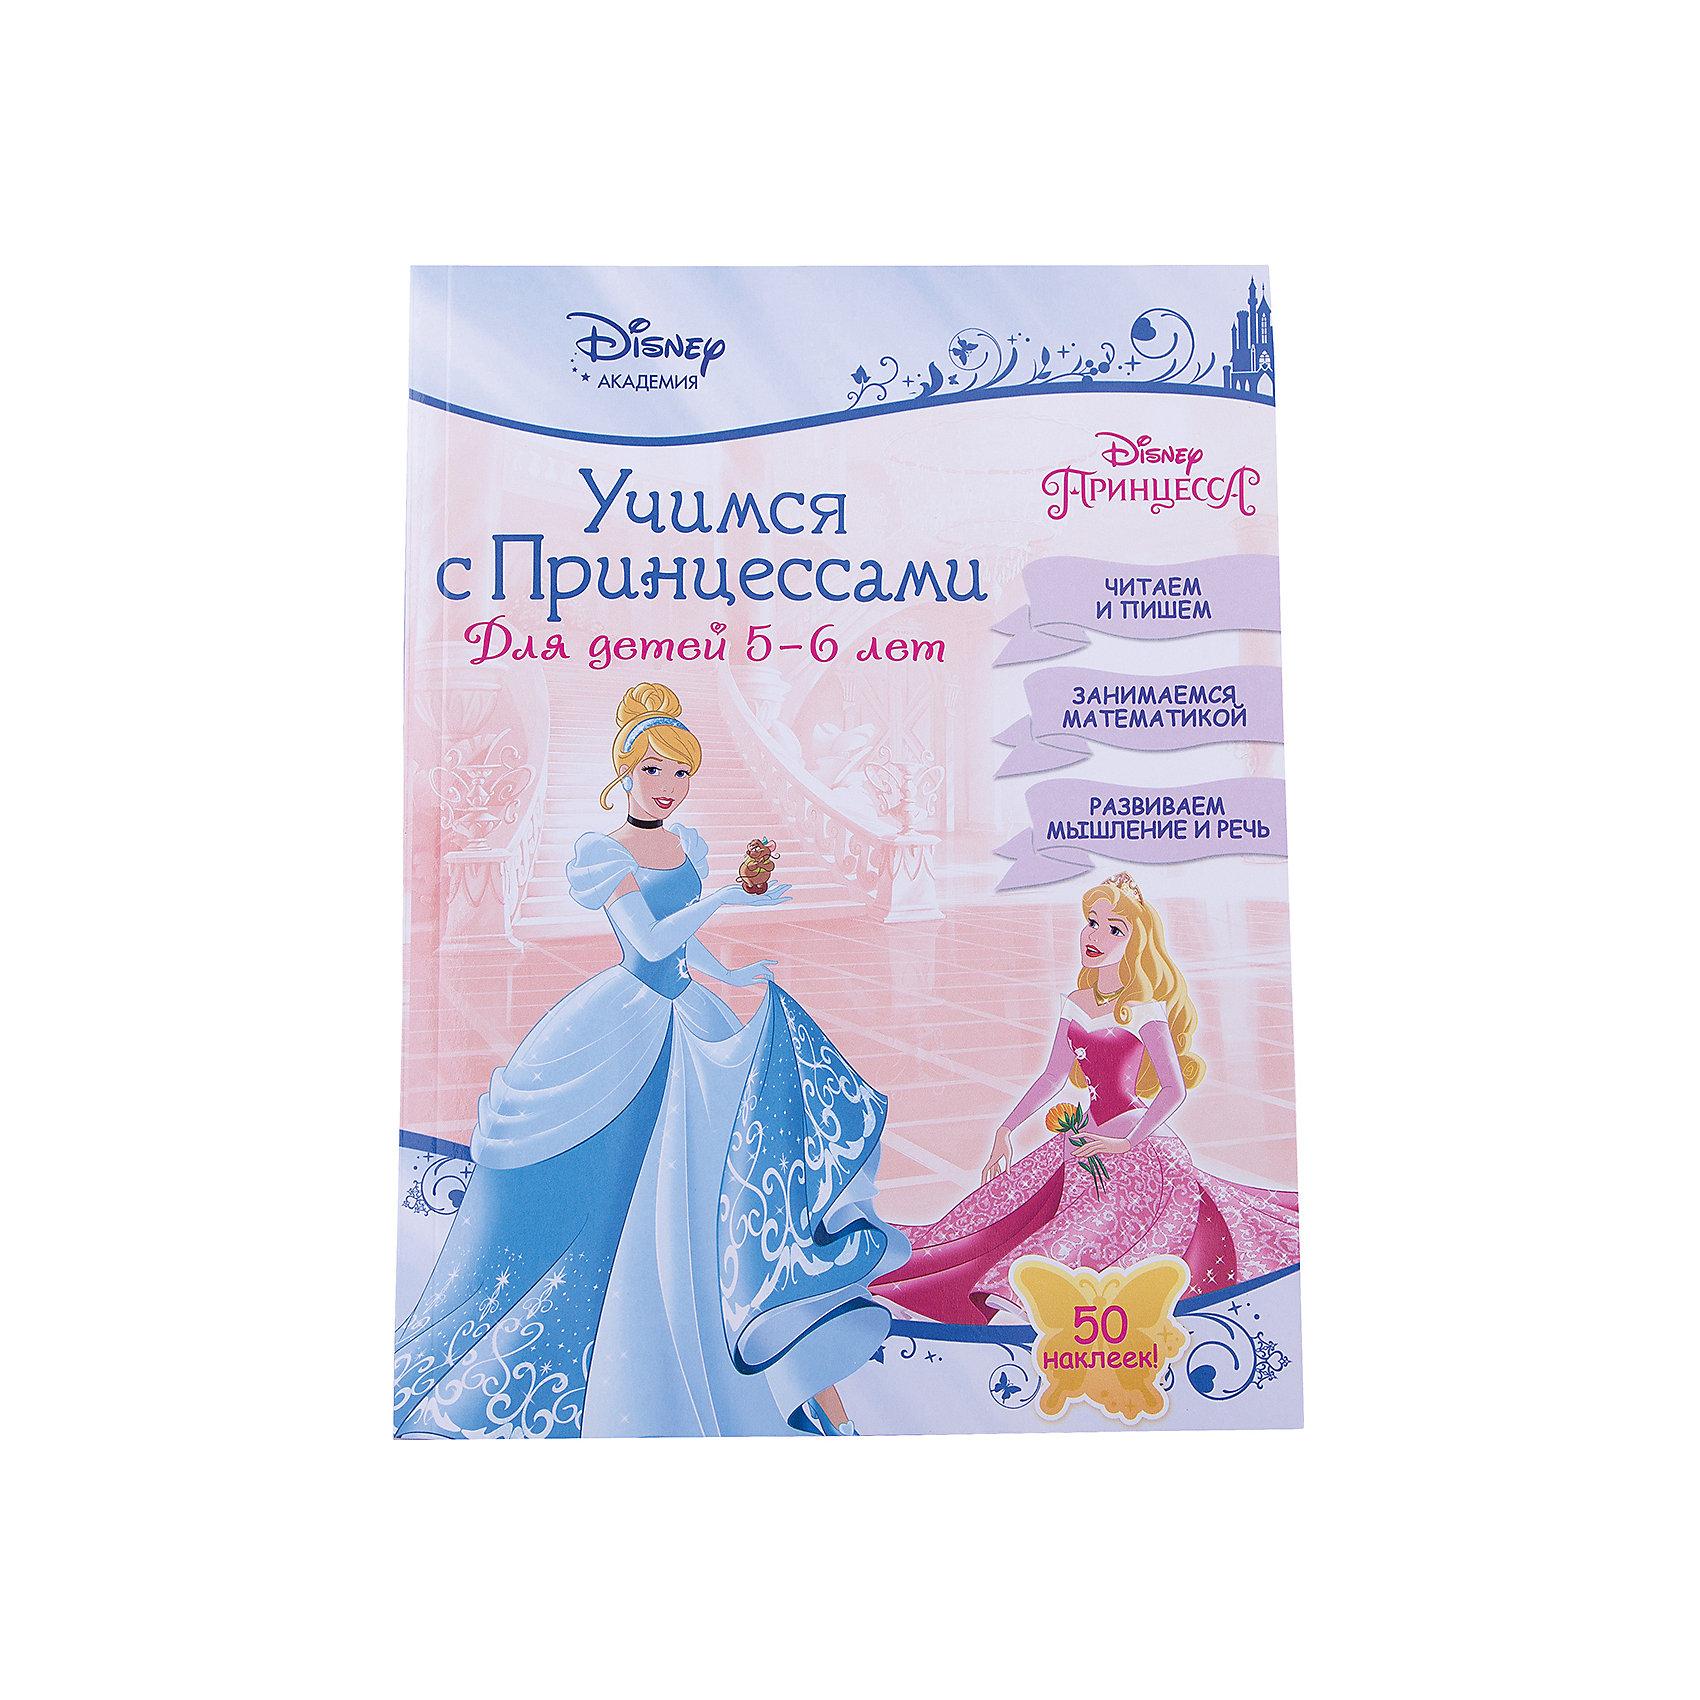 Учимся с Принцессами: для детей 5-6 летПринцессы Дисней<br>Благодаря этой книге, созданной на основе актуальной методики дошкольного образования, ребята приобретут соответствующие своему возрасту базовые знания, умения и навыки - научатся писать слова и предложения, читать развёрнутые тексты разной степени сложности, решать примеры и задачи в пределах 20, а также разовьют мышление и речь. Любимые Disney princess (Принцессы Диснея) обязательно помогут девочкам! <br><br>Дополнительная информация:<br><br>- Формат: 28х21 см.<br>- Переплет: мягкий.<br>- Количество страниц: 64 <br>- Иллюстрации: цветные.<br>- 50 наклеек в комплекте.<br><br>Книгу Учимся с Принцессами для детей 5-6 лет можно купить в нашем магазине.<br><br>Ширина мм: 280<br>Глубина мм: 210<br>Высота мм: 4<br>Вес г: 188<br>Возраст от месяцев: 60<br>Возраст до месяцев: 72<br>Пол: Женский<br>Возраст: Детский<br>SKU: 4414959